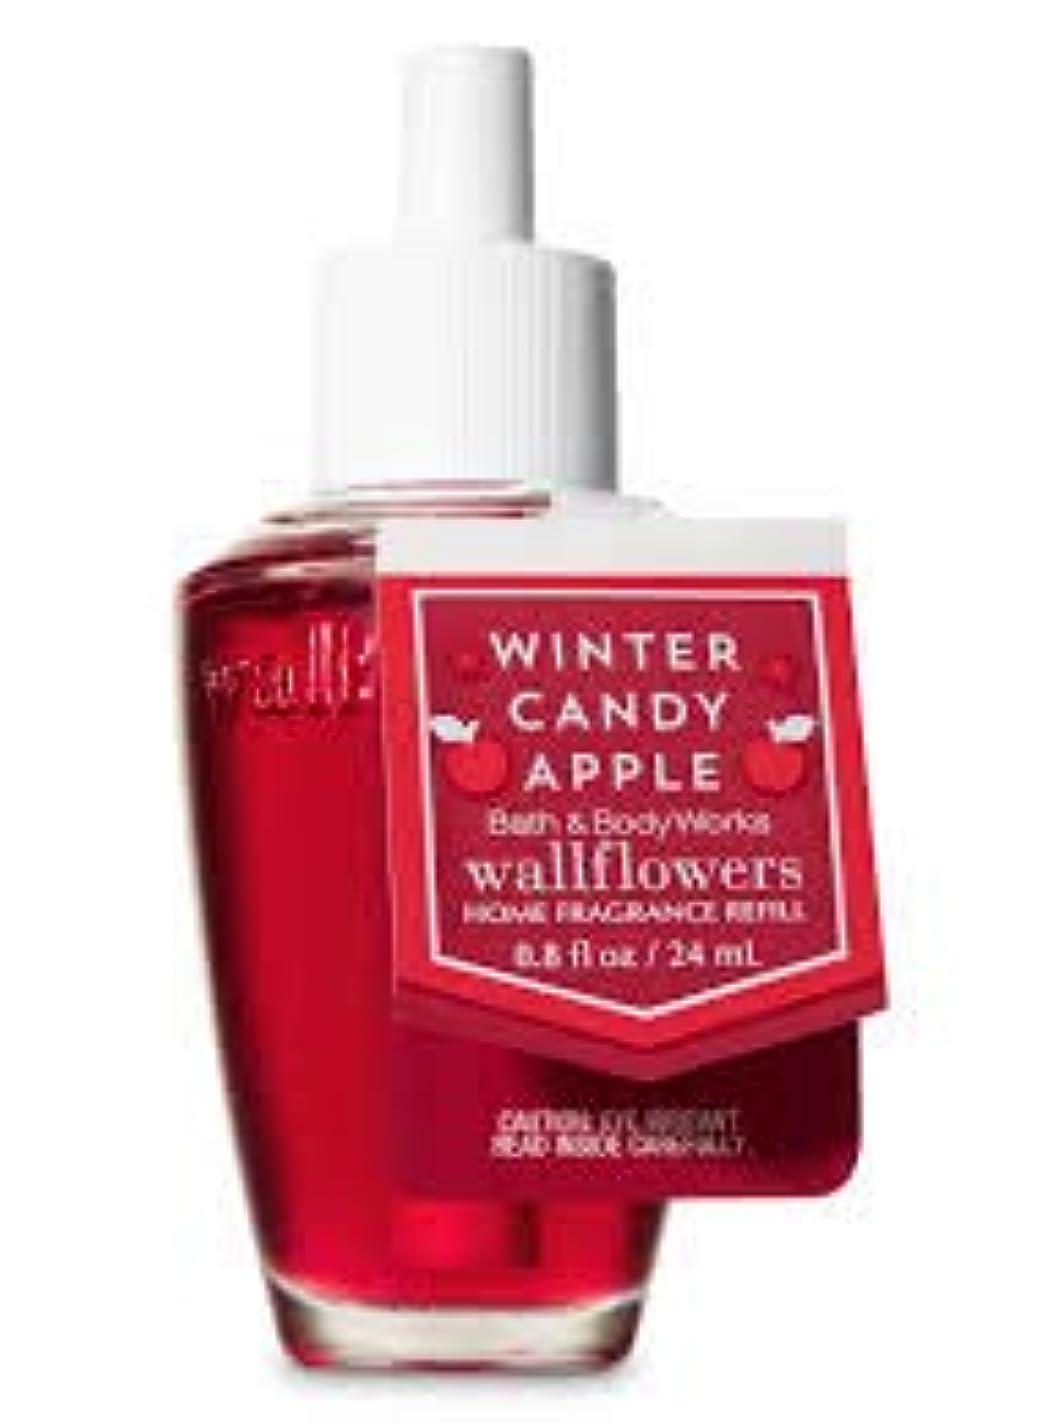 不利益個人忘れる【Bath&Body Works/バス&ボディワークス】 ルームフレグランス 詰替えリフィル ウィンターキャンディアップル Wallflowers Home Fragrance Refill Winter Candy Apple [並行輸入品]